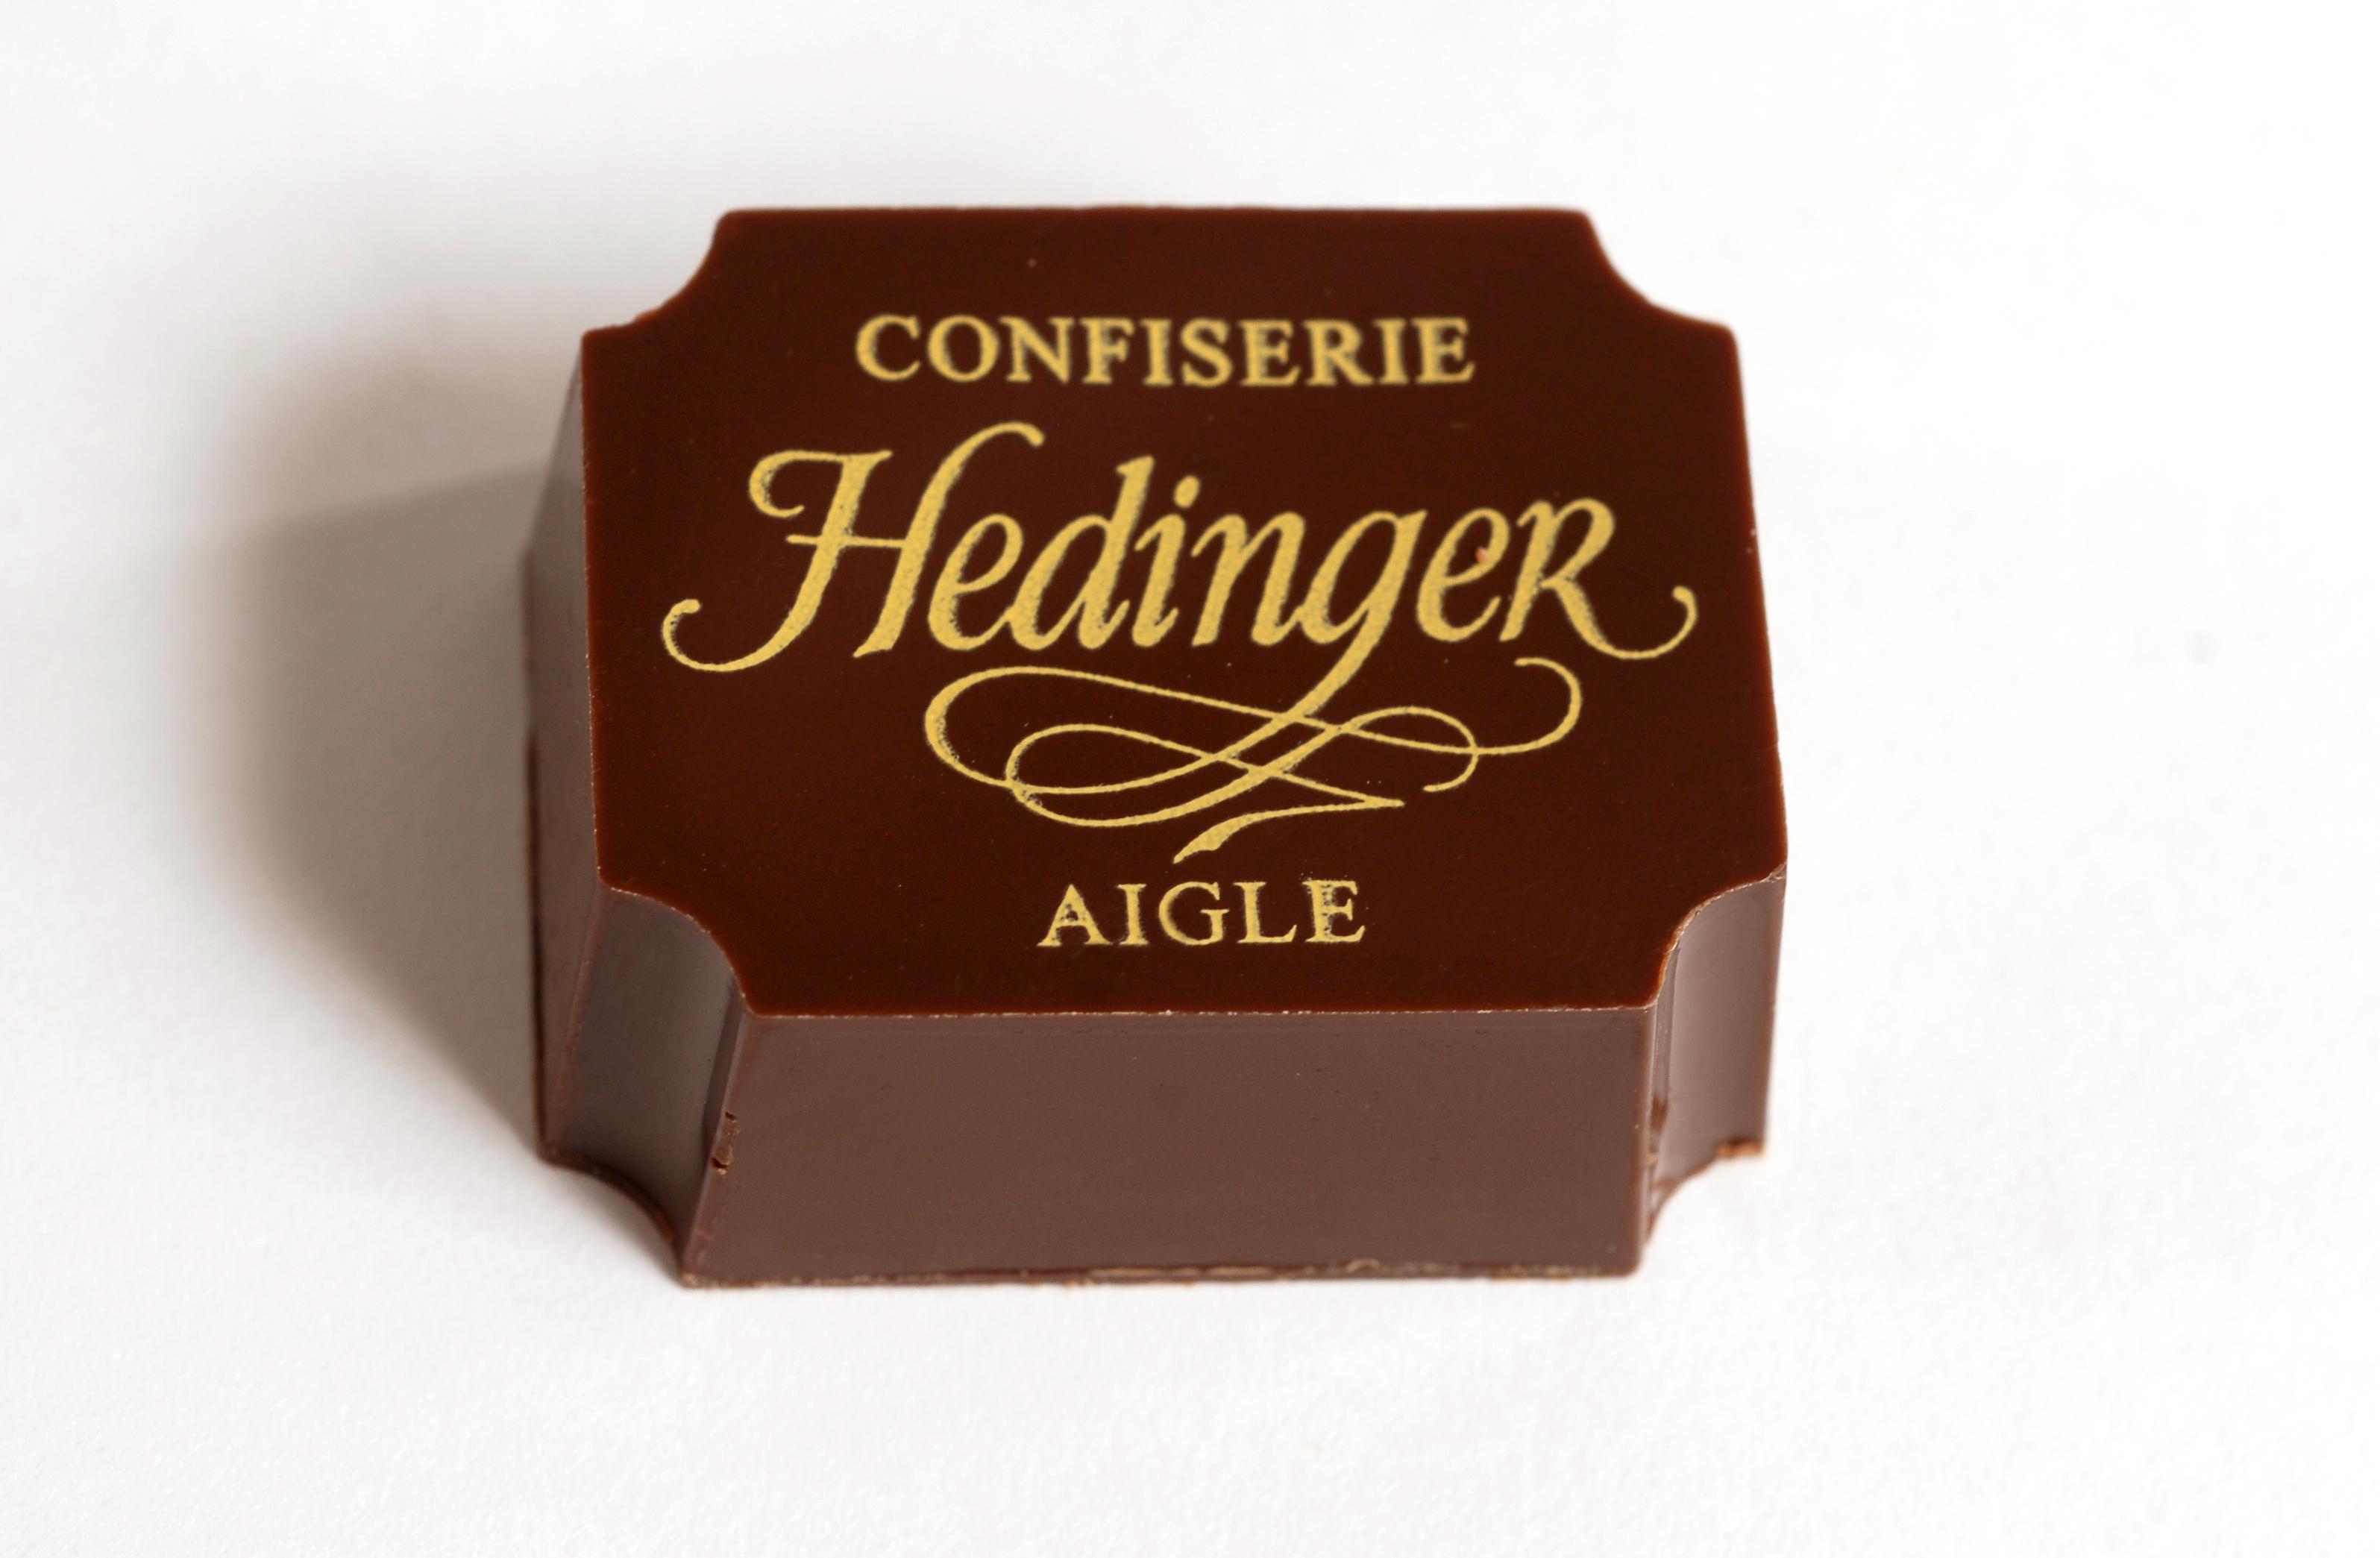 confiserie hedinger, chocolat, personnalisé, cadeaux, entreprise, vaud, valais, chablais, fait maison, artisanal, chocolatier, chocolat, truffes, logo, entreprise,